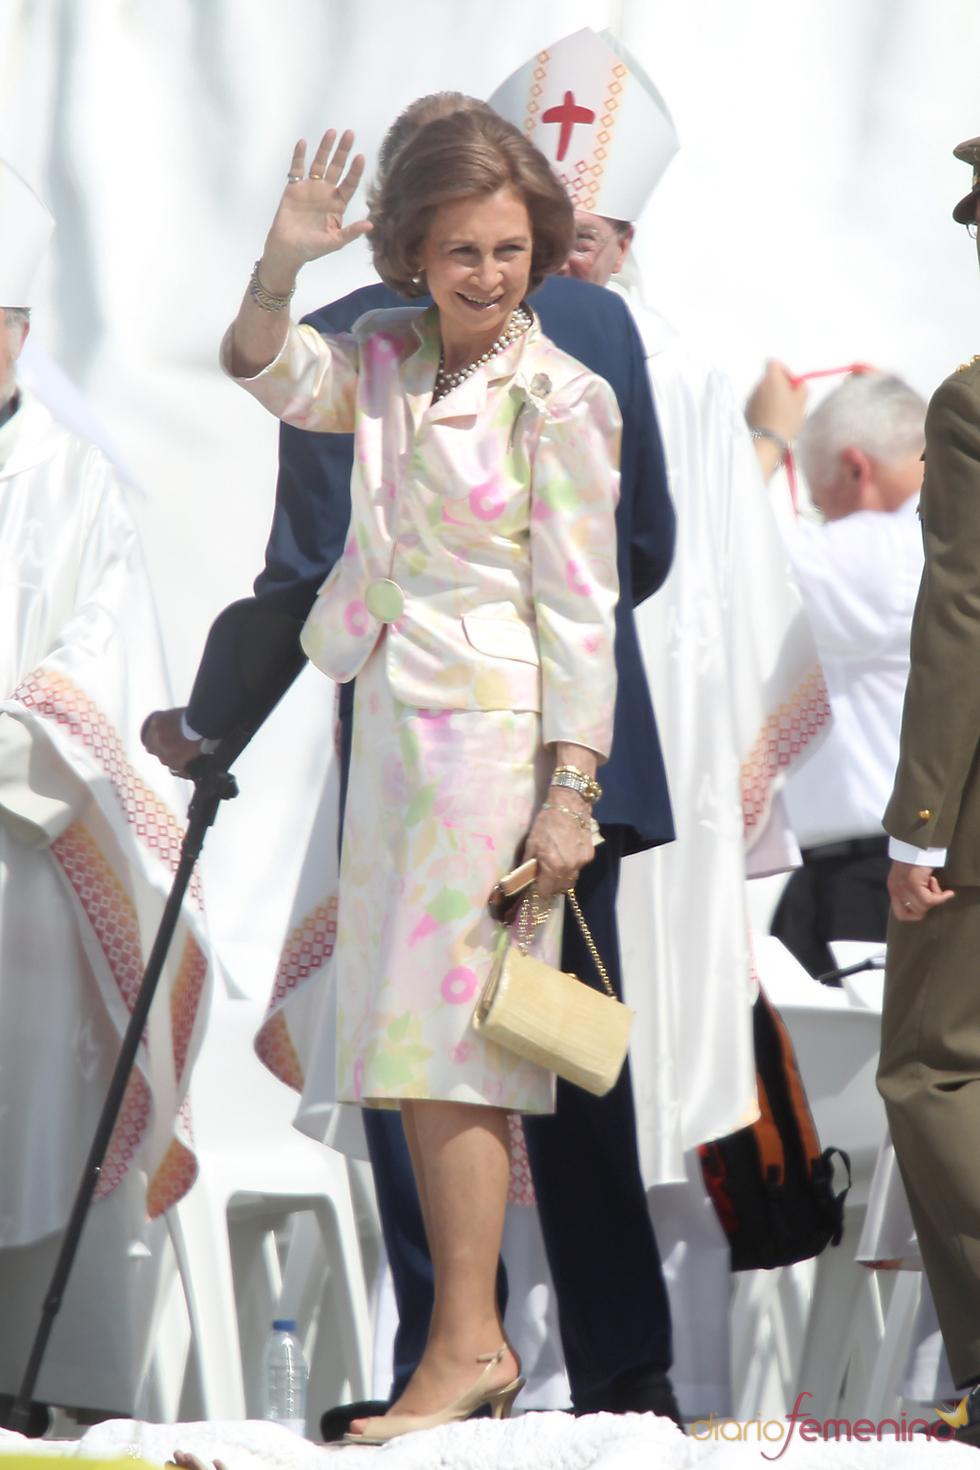 El 'look' de la reina Sofía al despedir al Papa Benedicto XVI en Cuatro Vientos tras concluir las JMJ